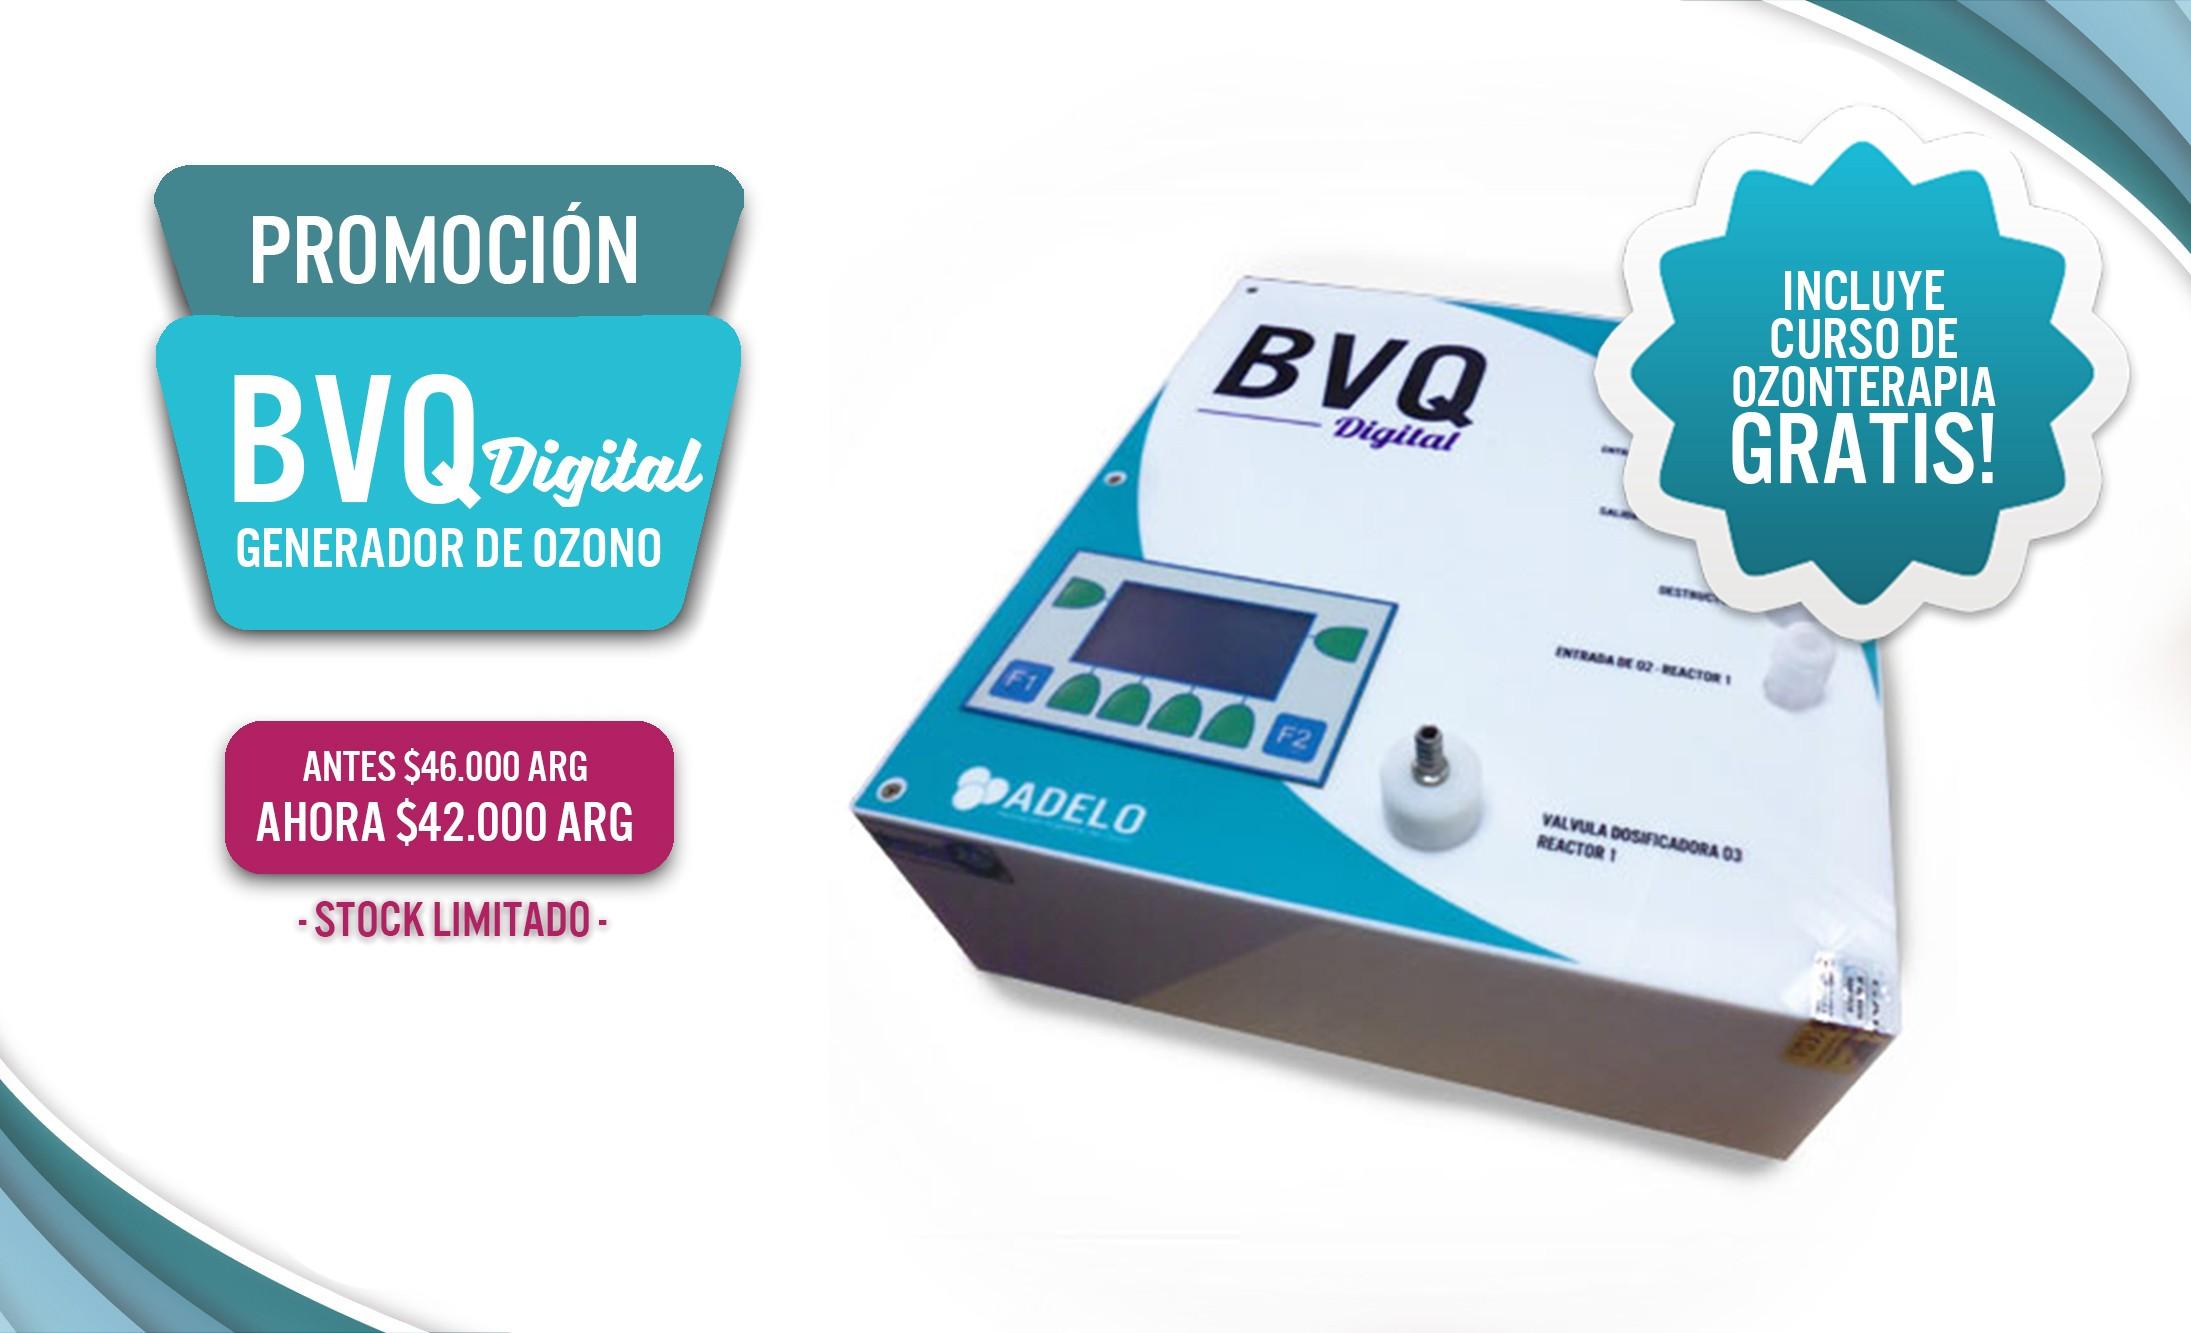 Generador de Ozono BVQ Digital